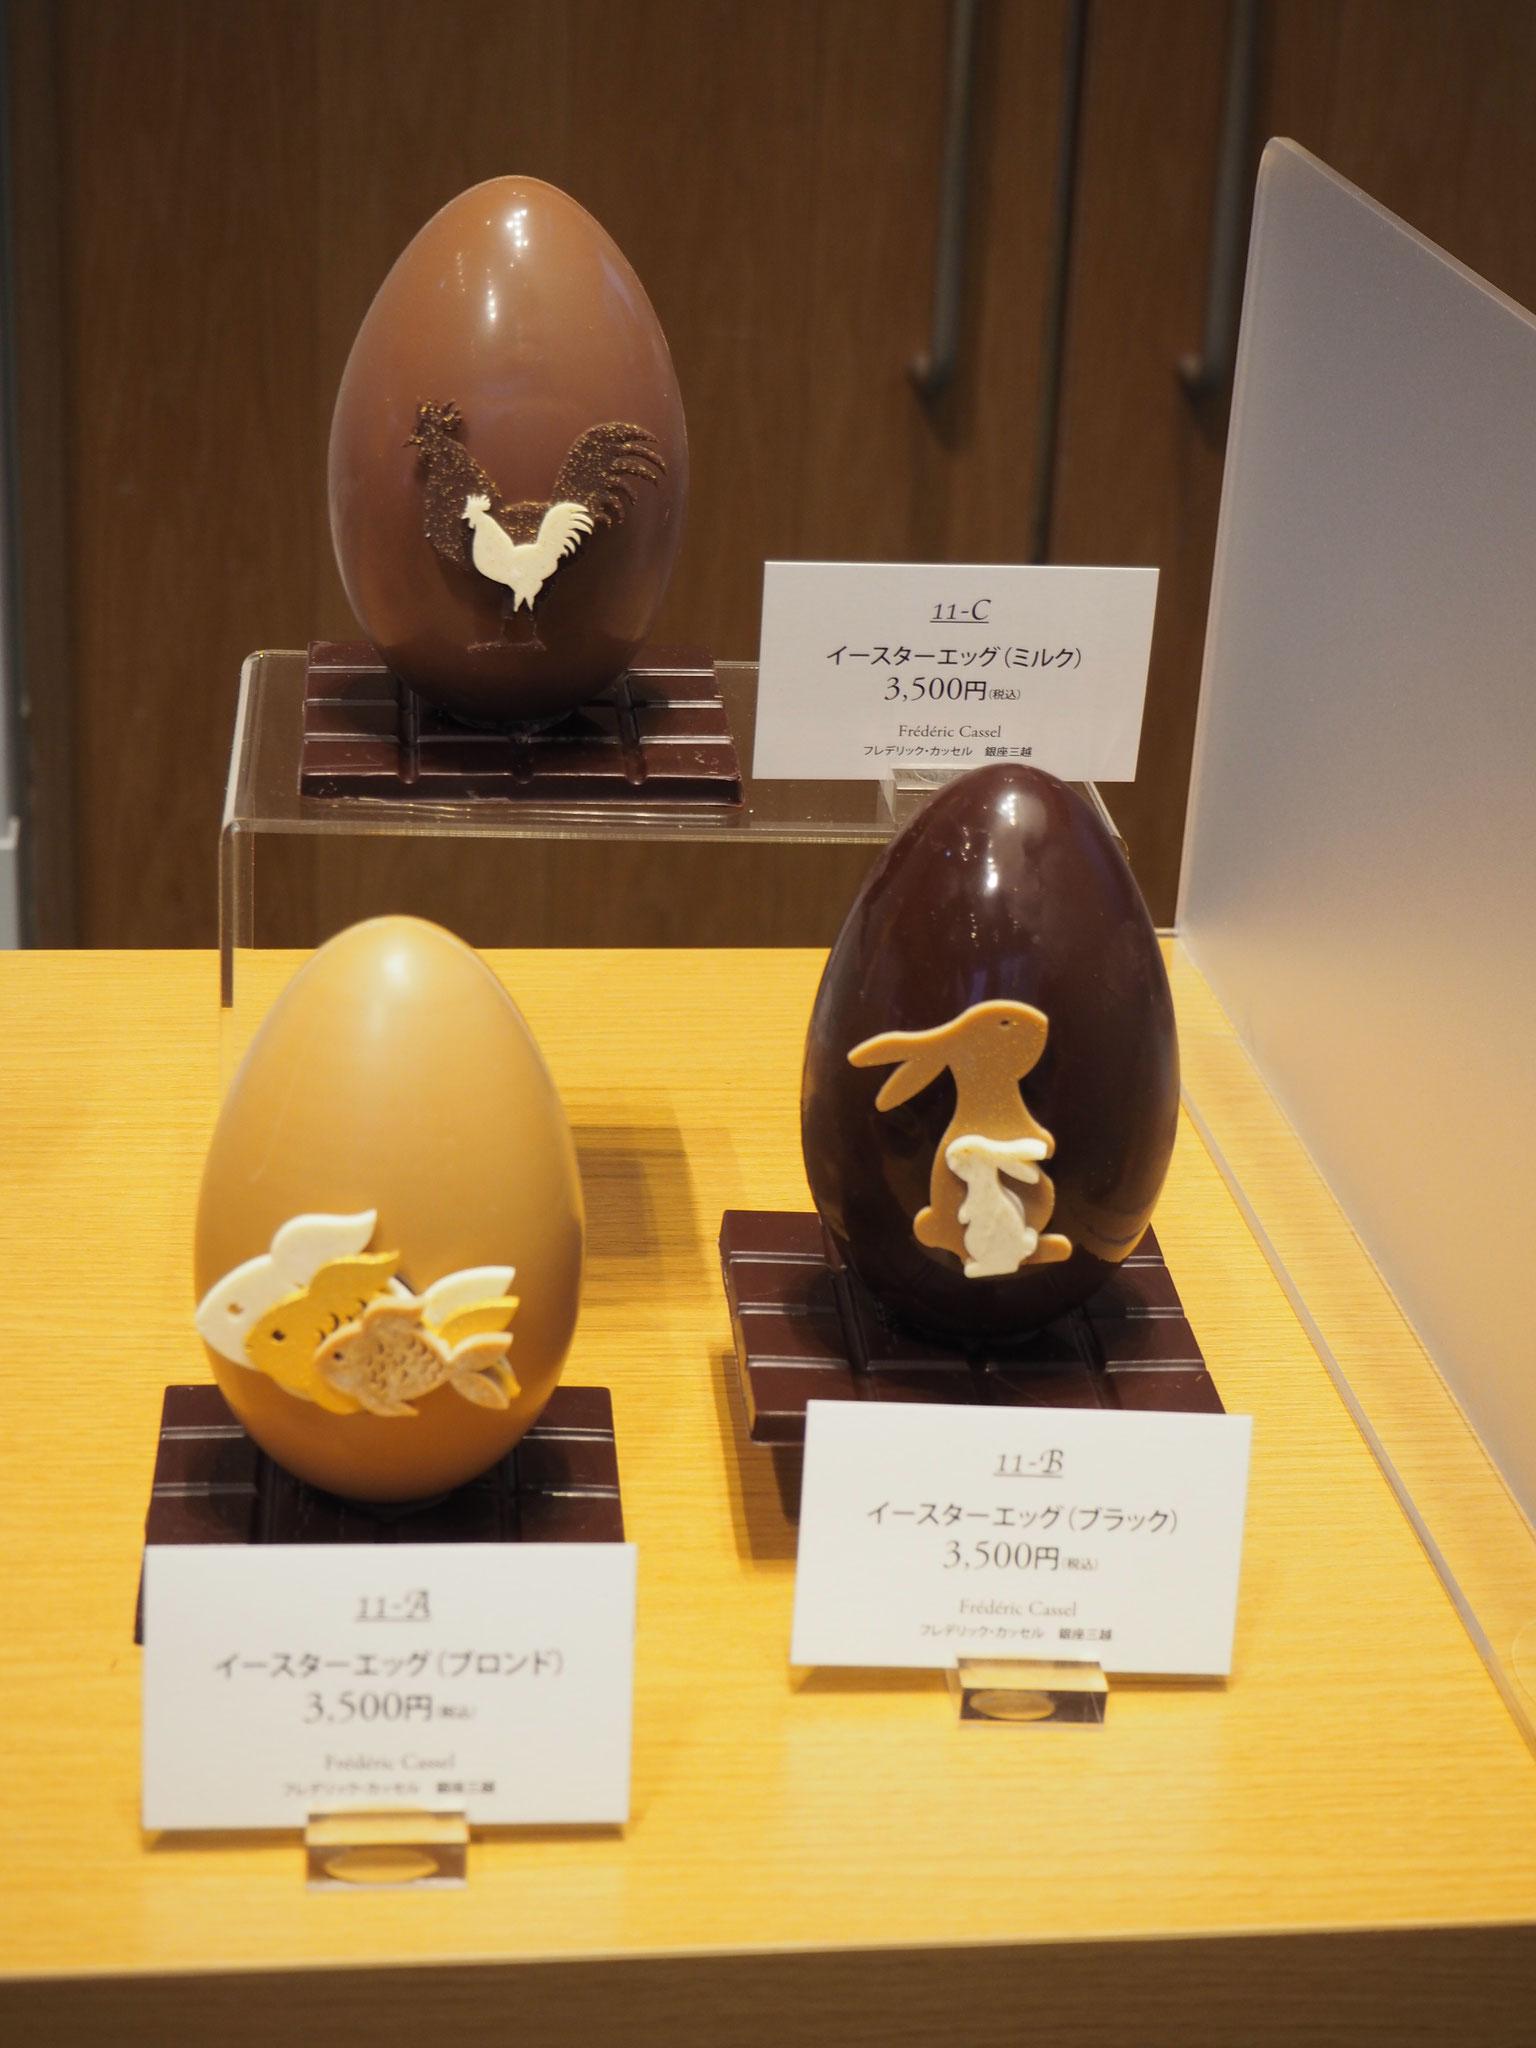 販売されたイースター・チョコレート